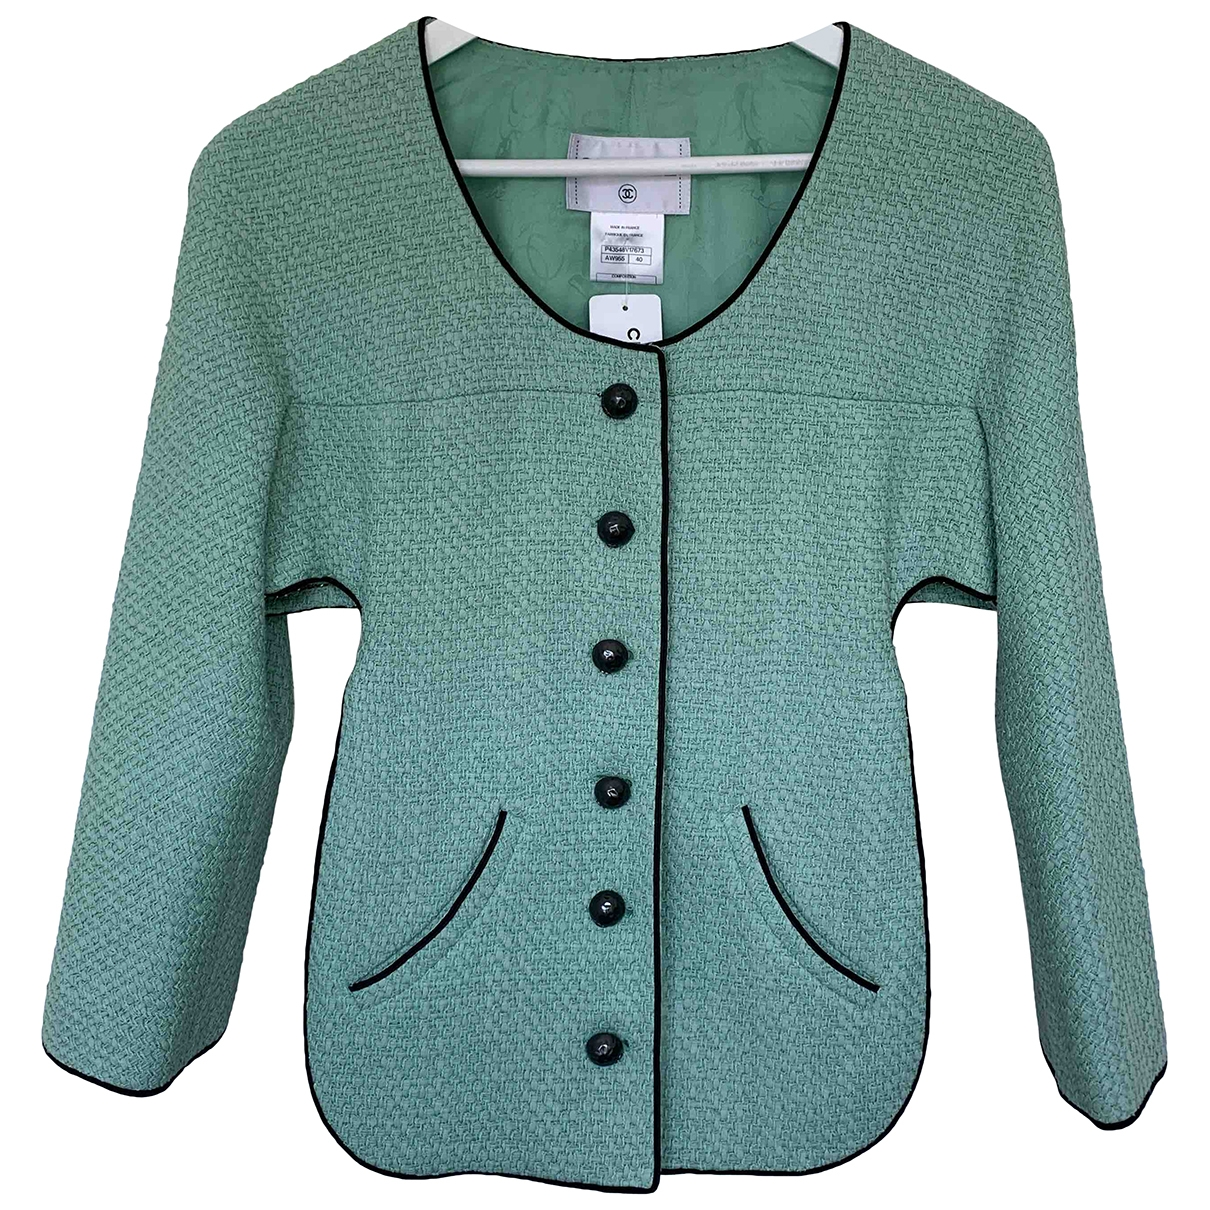 Chanel \N Jacke in  Tuerkis Tweed